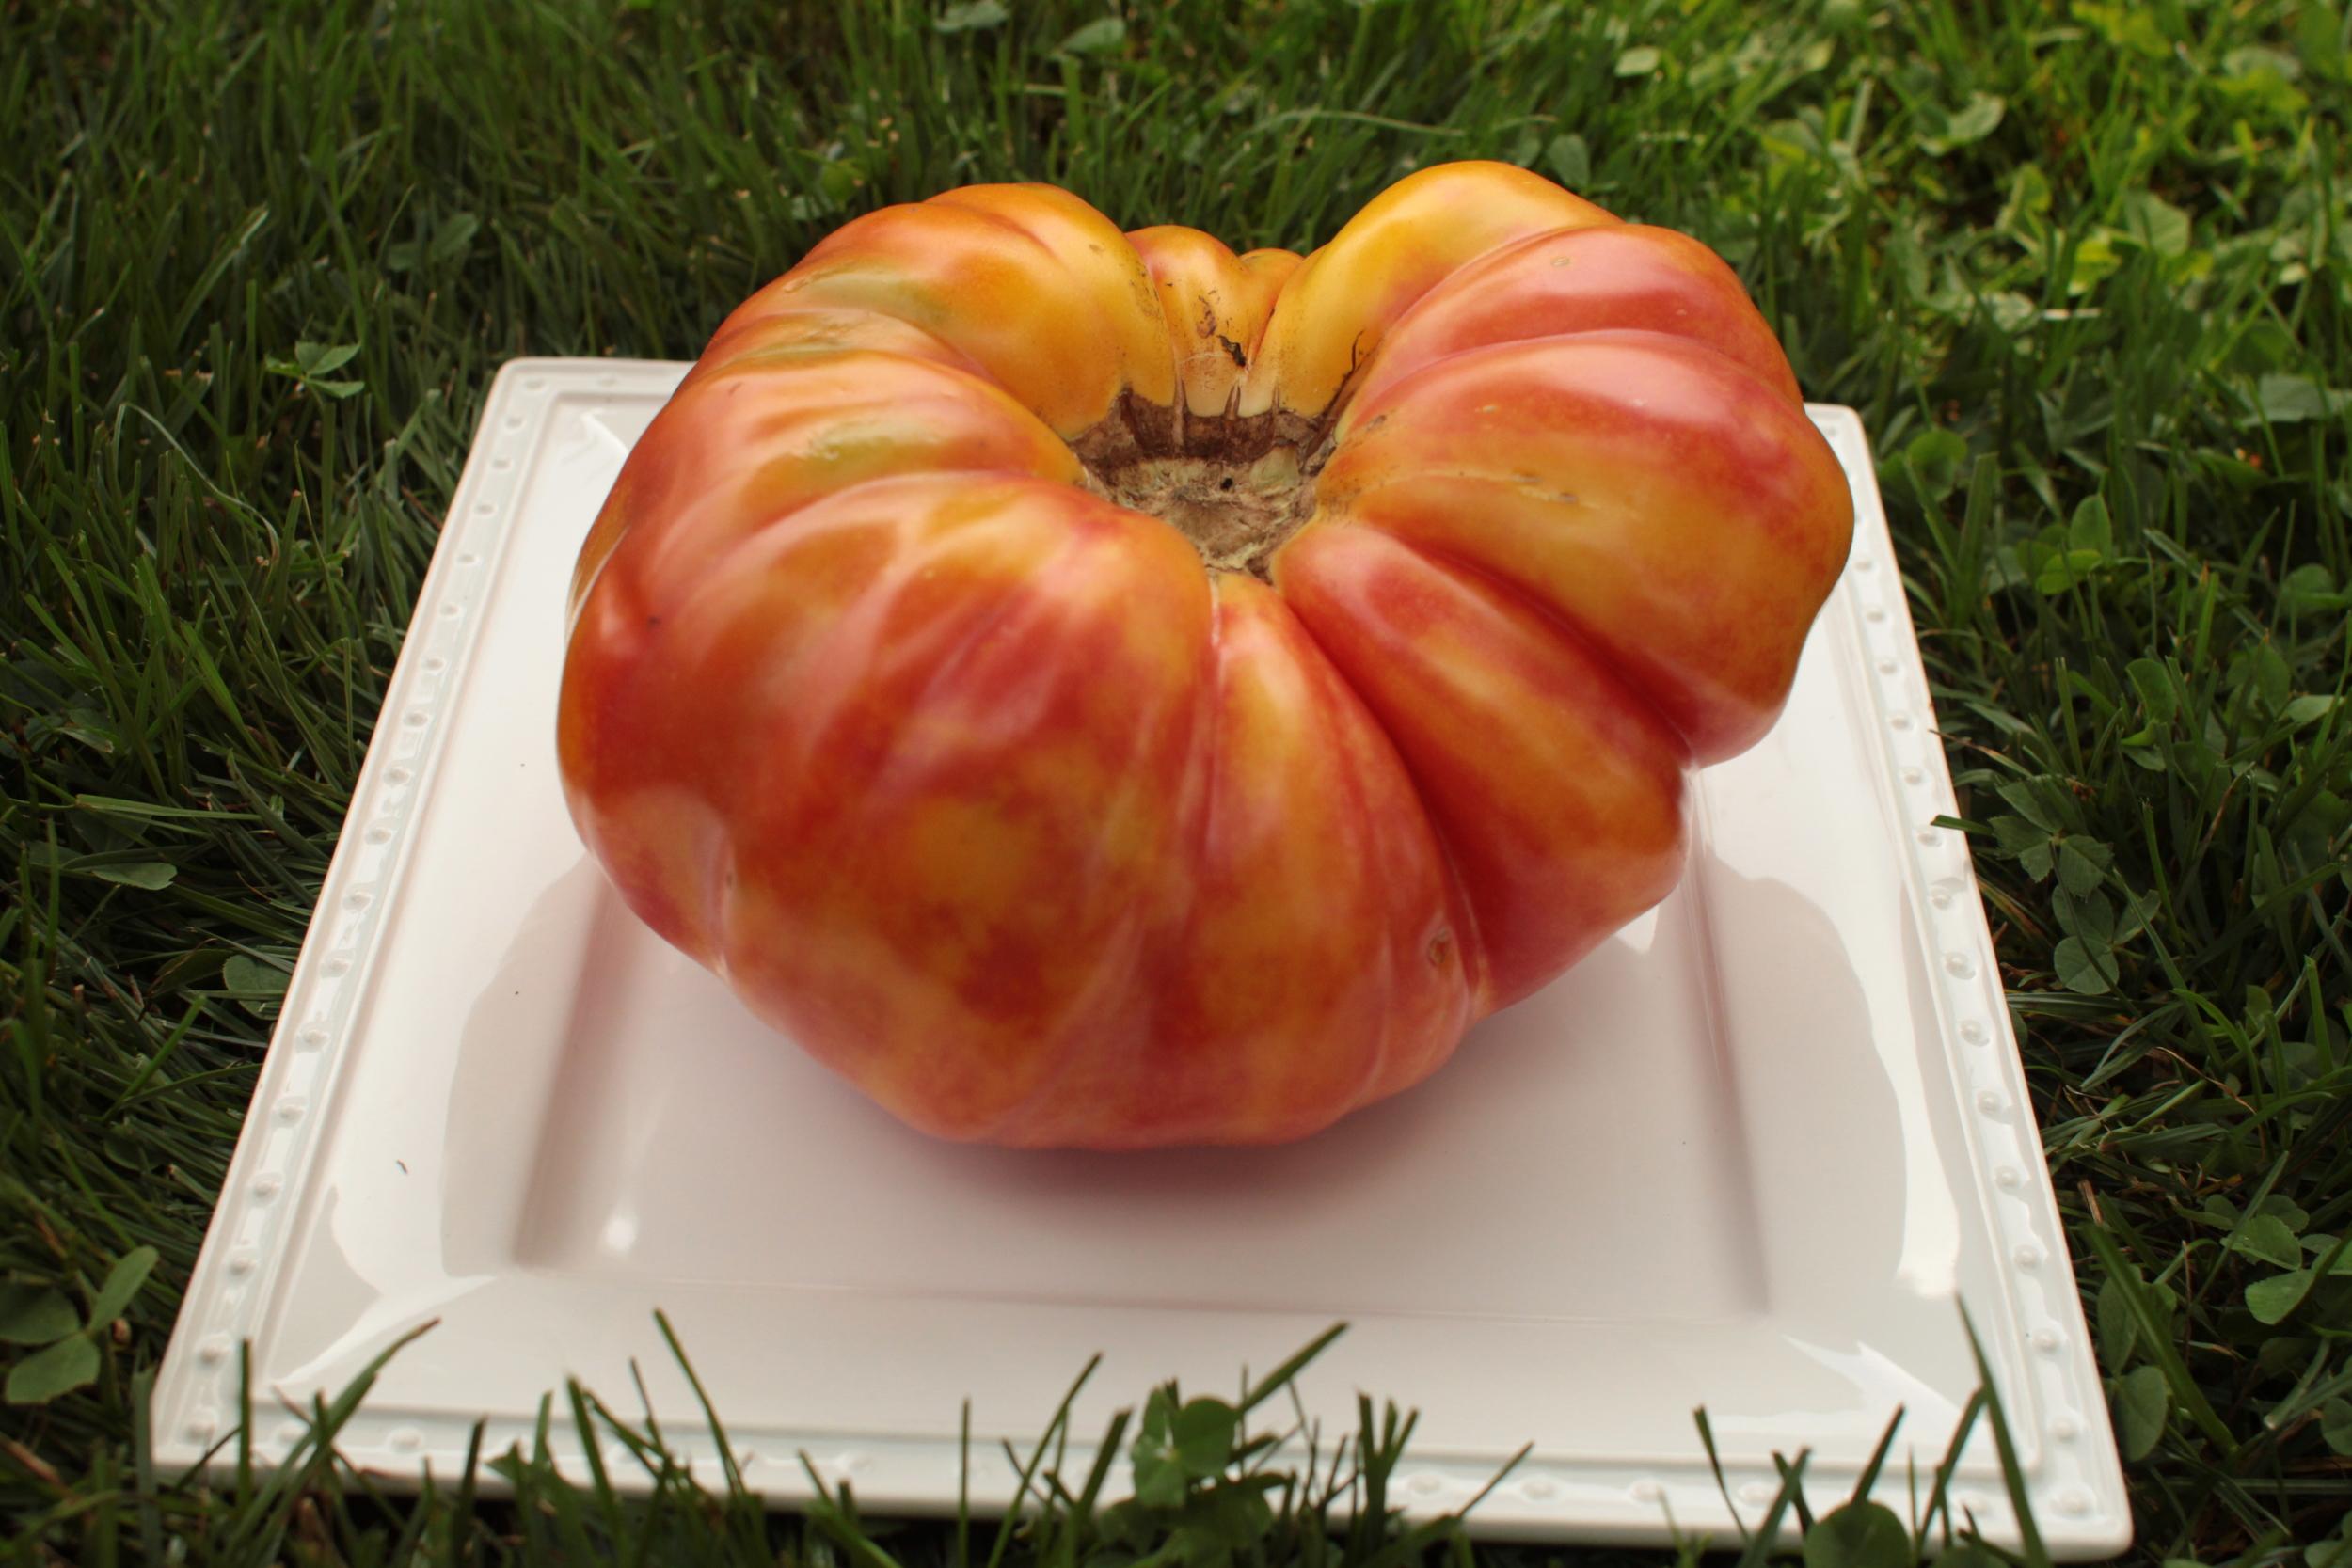 Tomato Pineapple